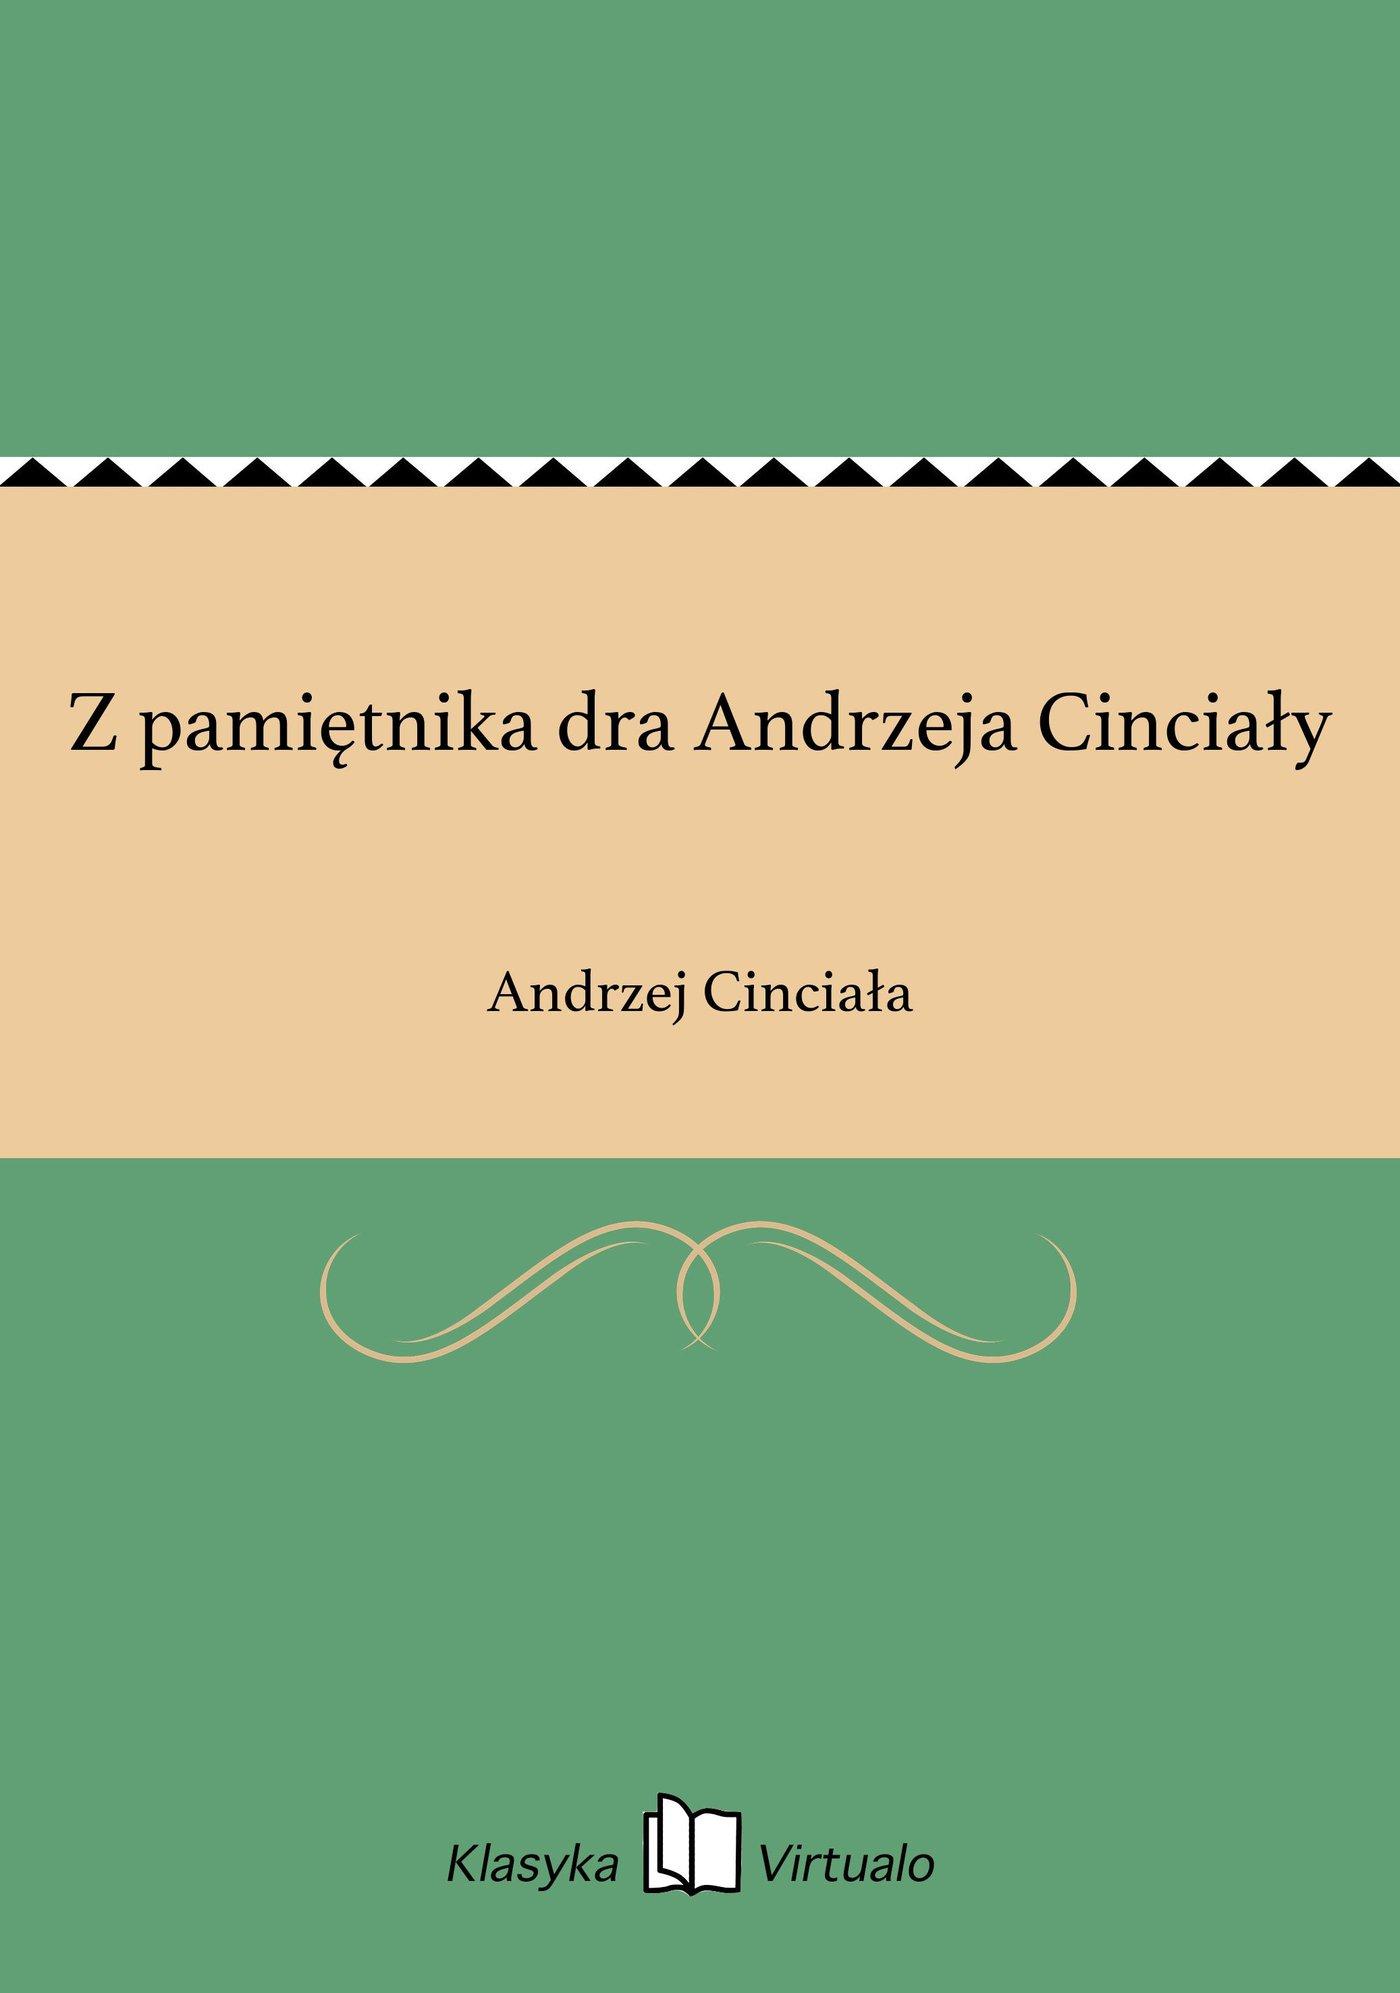 Z pamiętnika dra Andrzeja Cinciały - Ebook (Książka EPUB) do pobrania w formacie EPUB